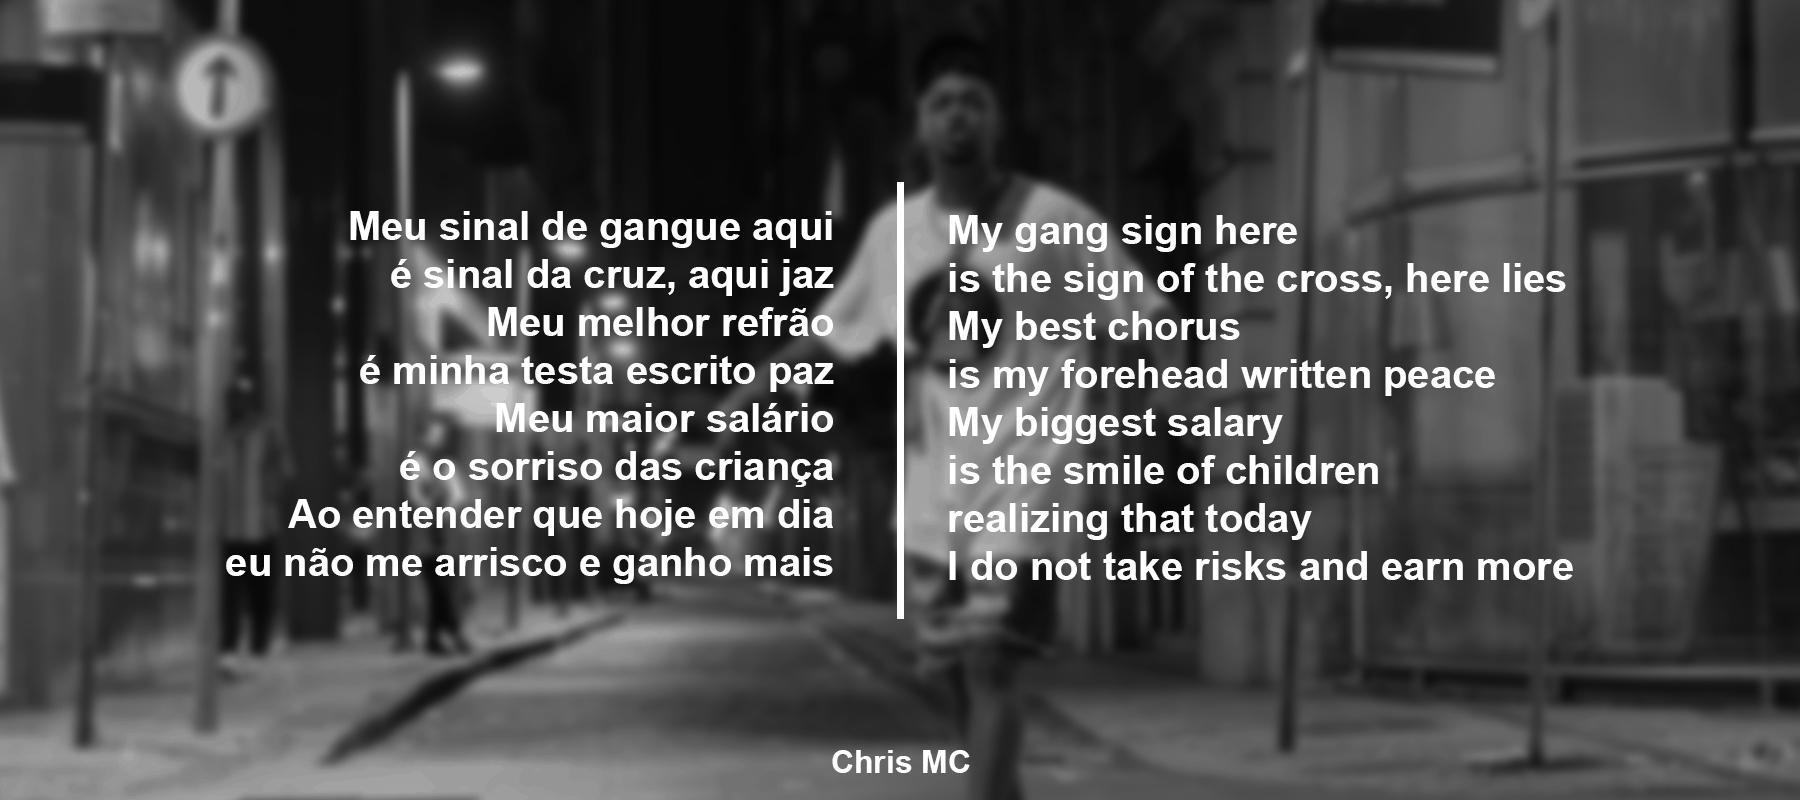 """- ' . a 'y- ' a o o l f Meu sinal d.e gangue aqui . . I ' al 4da cruz, aqui jaz 0 ~ eu mslhor refra esta escrito paz u maigr salario Q sorriso das crianga Ao ente der quehoje Wdia ' eu nao me arrisco e ganho mais F M """"""""8 MC _. . -. sign here -~ e salad the cross, here lies My best chorus 7 ' j.' rehead written peace ' [22»; 7"""". est salary 7' smile of children ' ing that today . 0 not take risks and earn more . https://inspirational.ly"""